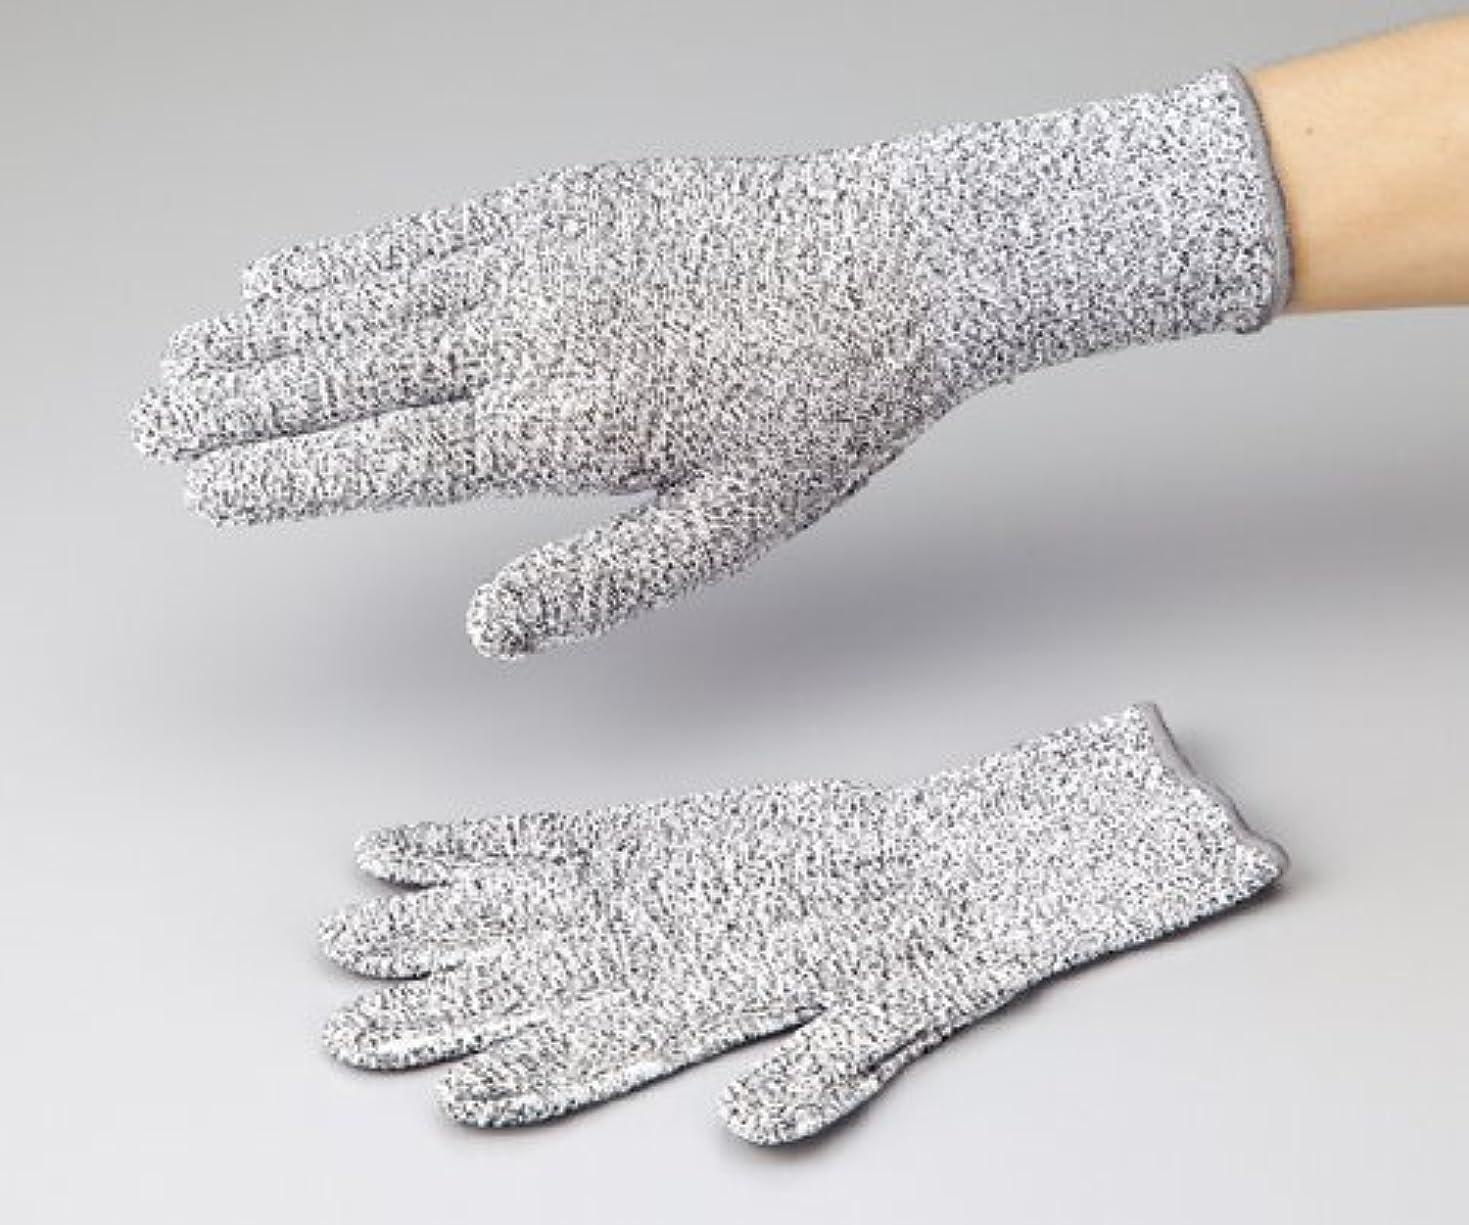 はいしばしばセラフアズワン1-272-01アズセーフ耐切創手袋コーティング無しLカットレベル3